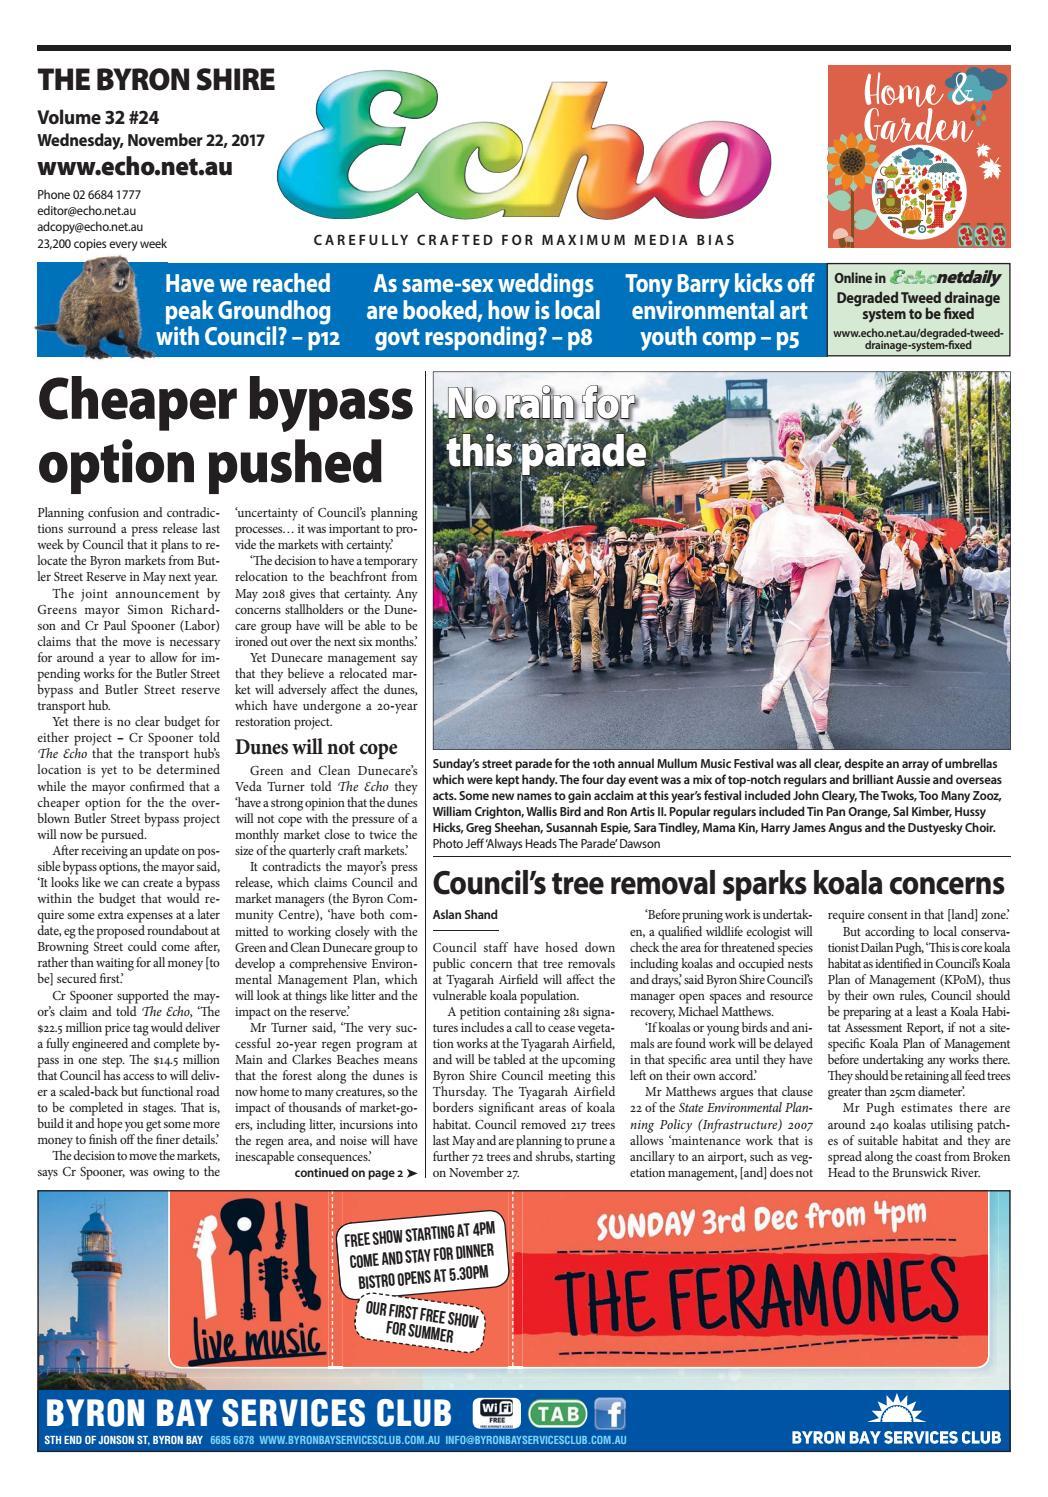 Byron Shire Echo – Issue 32.24 – 22/11/2017 by Echo Publications - issuu